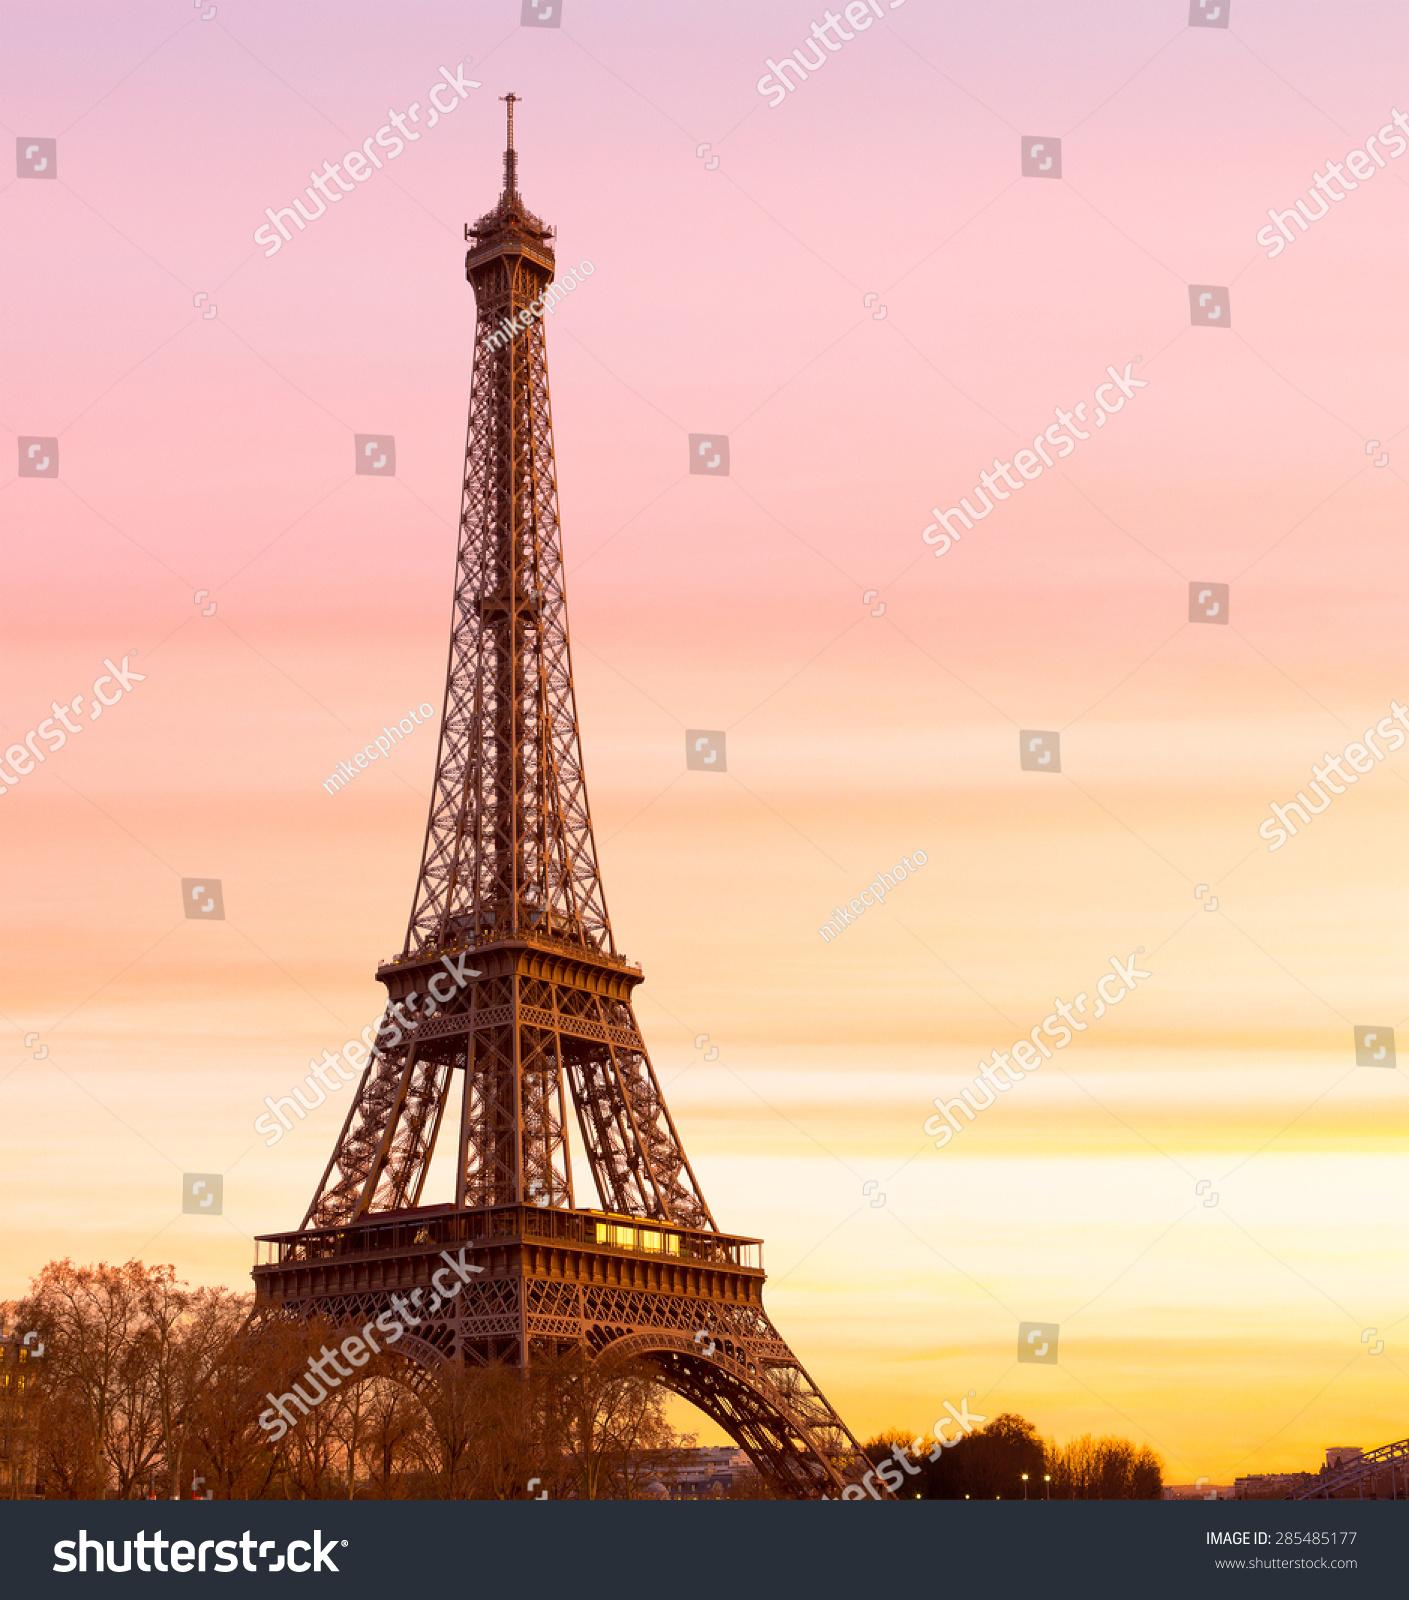 埃菲尔铁塔在日落时分的空间适合副本空间-建筑物